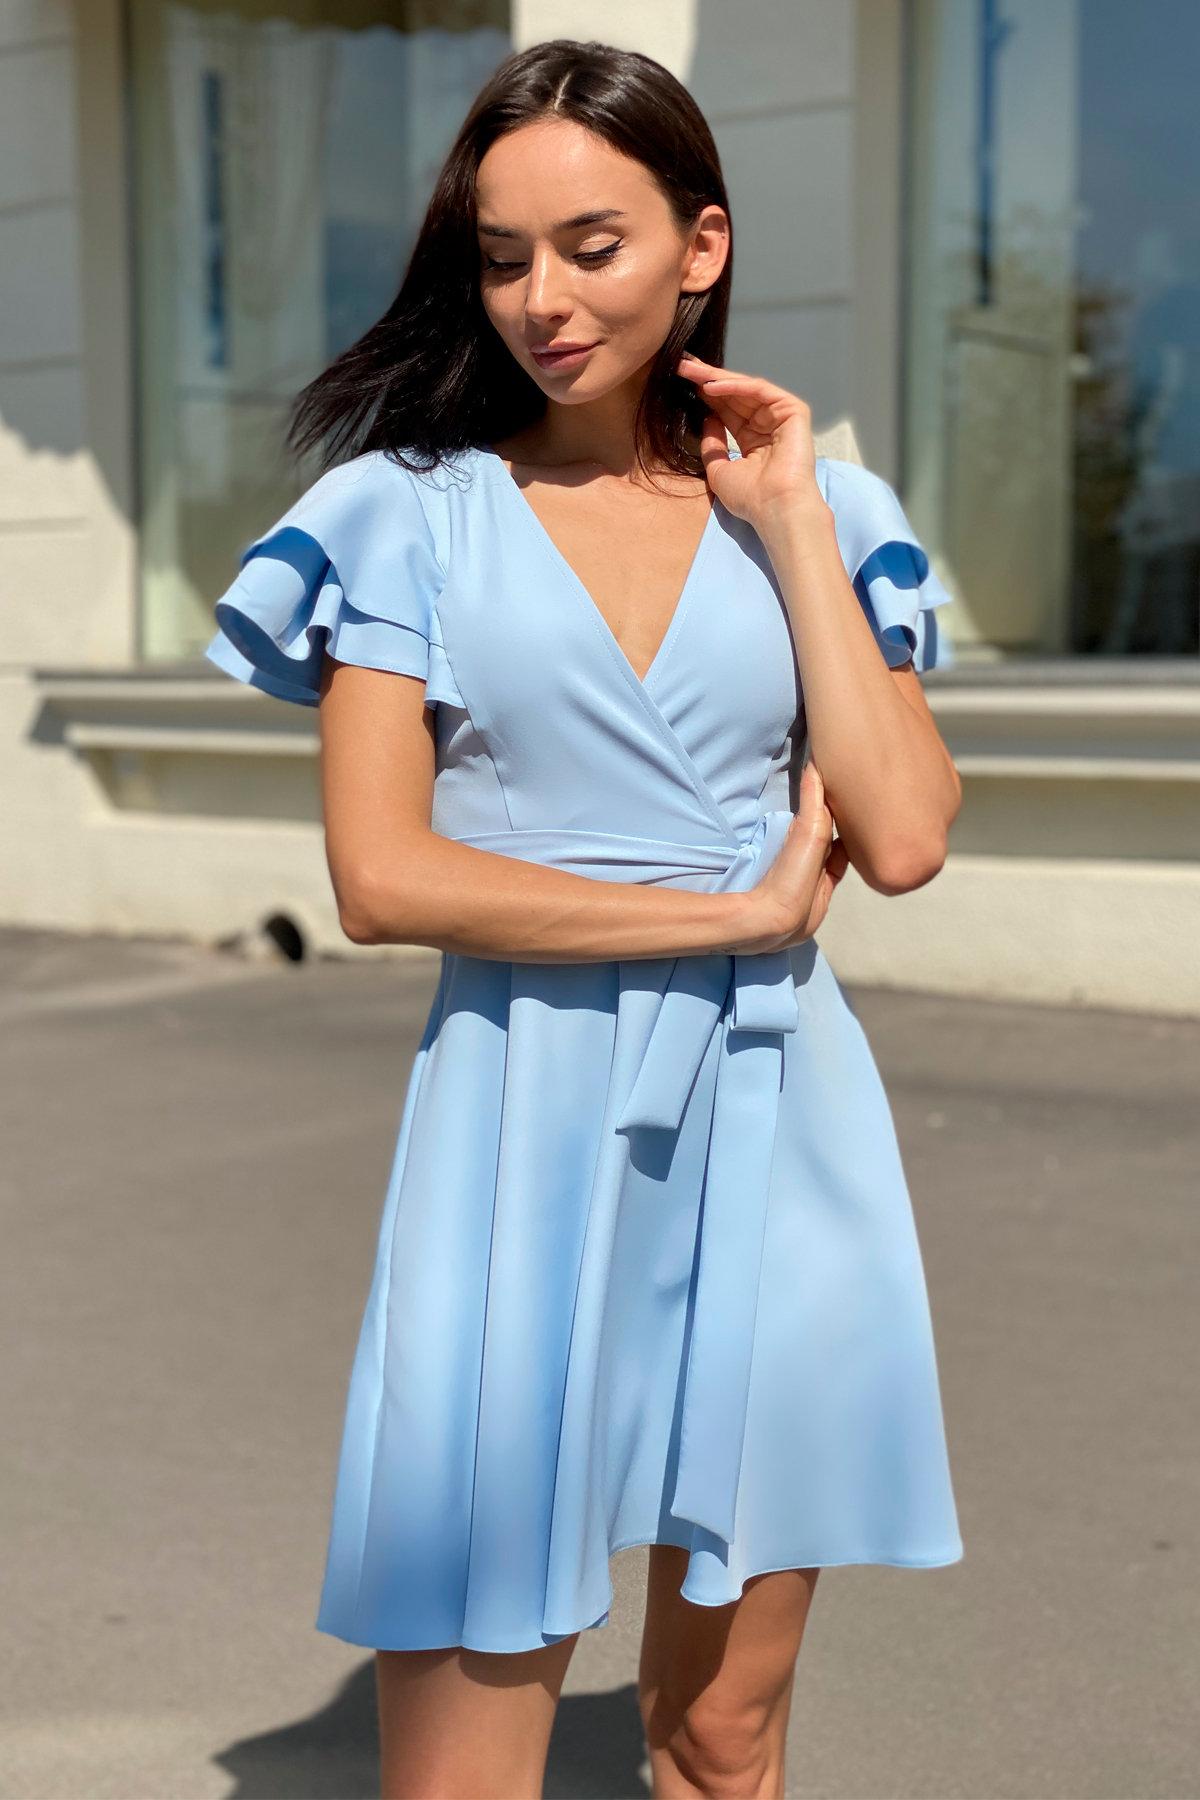 Платье Милея 9649 АРТ. 45970 Цвет: Голубой - фото 3, интернет магазин tm-modus.ru